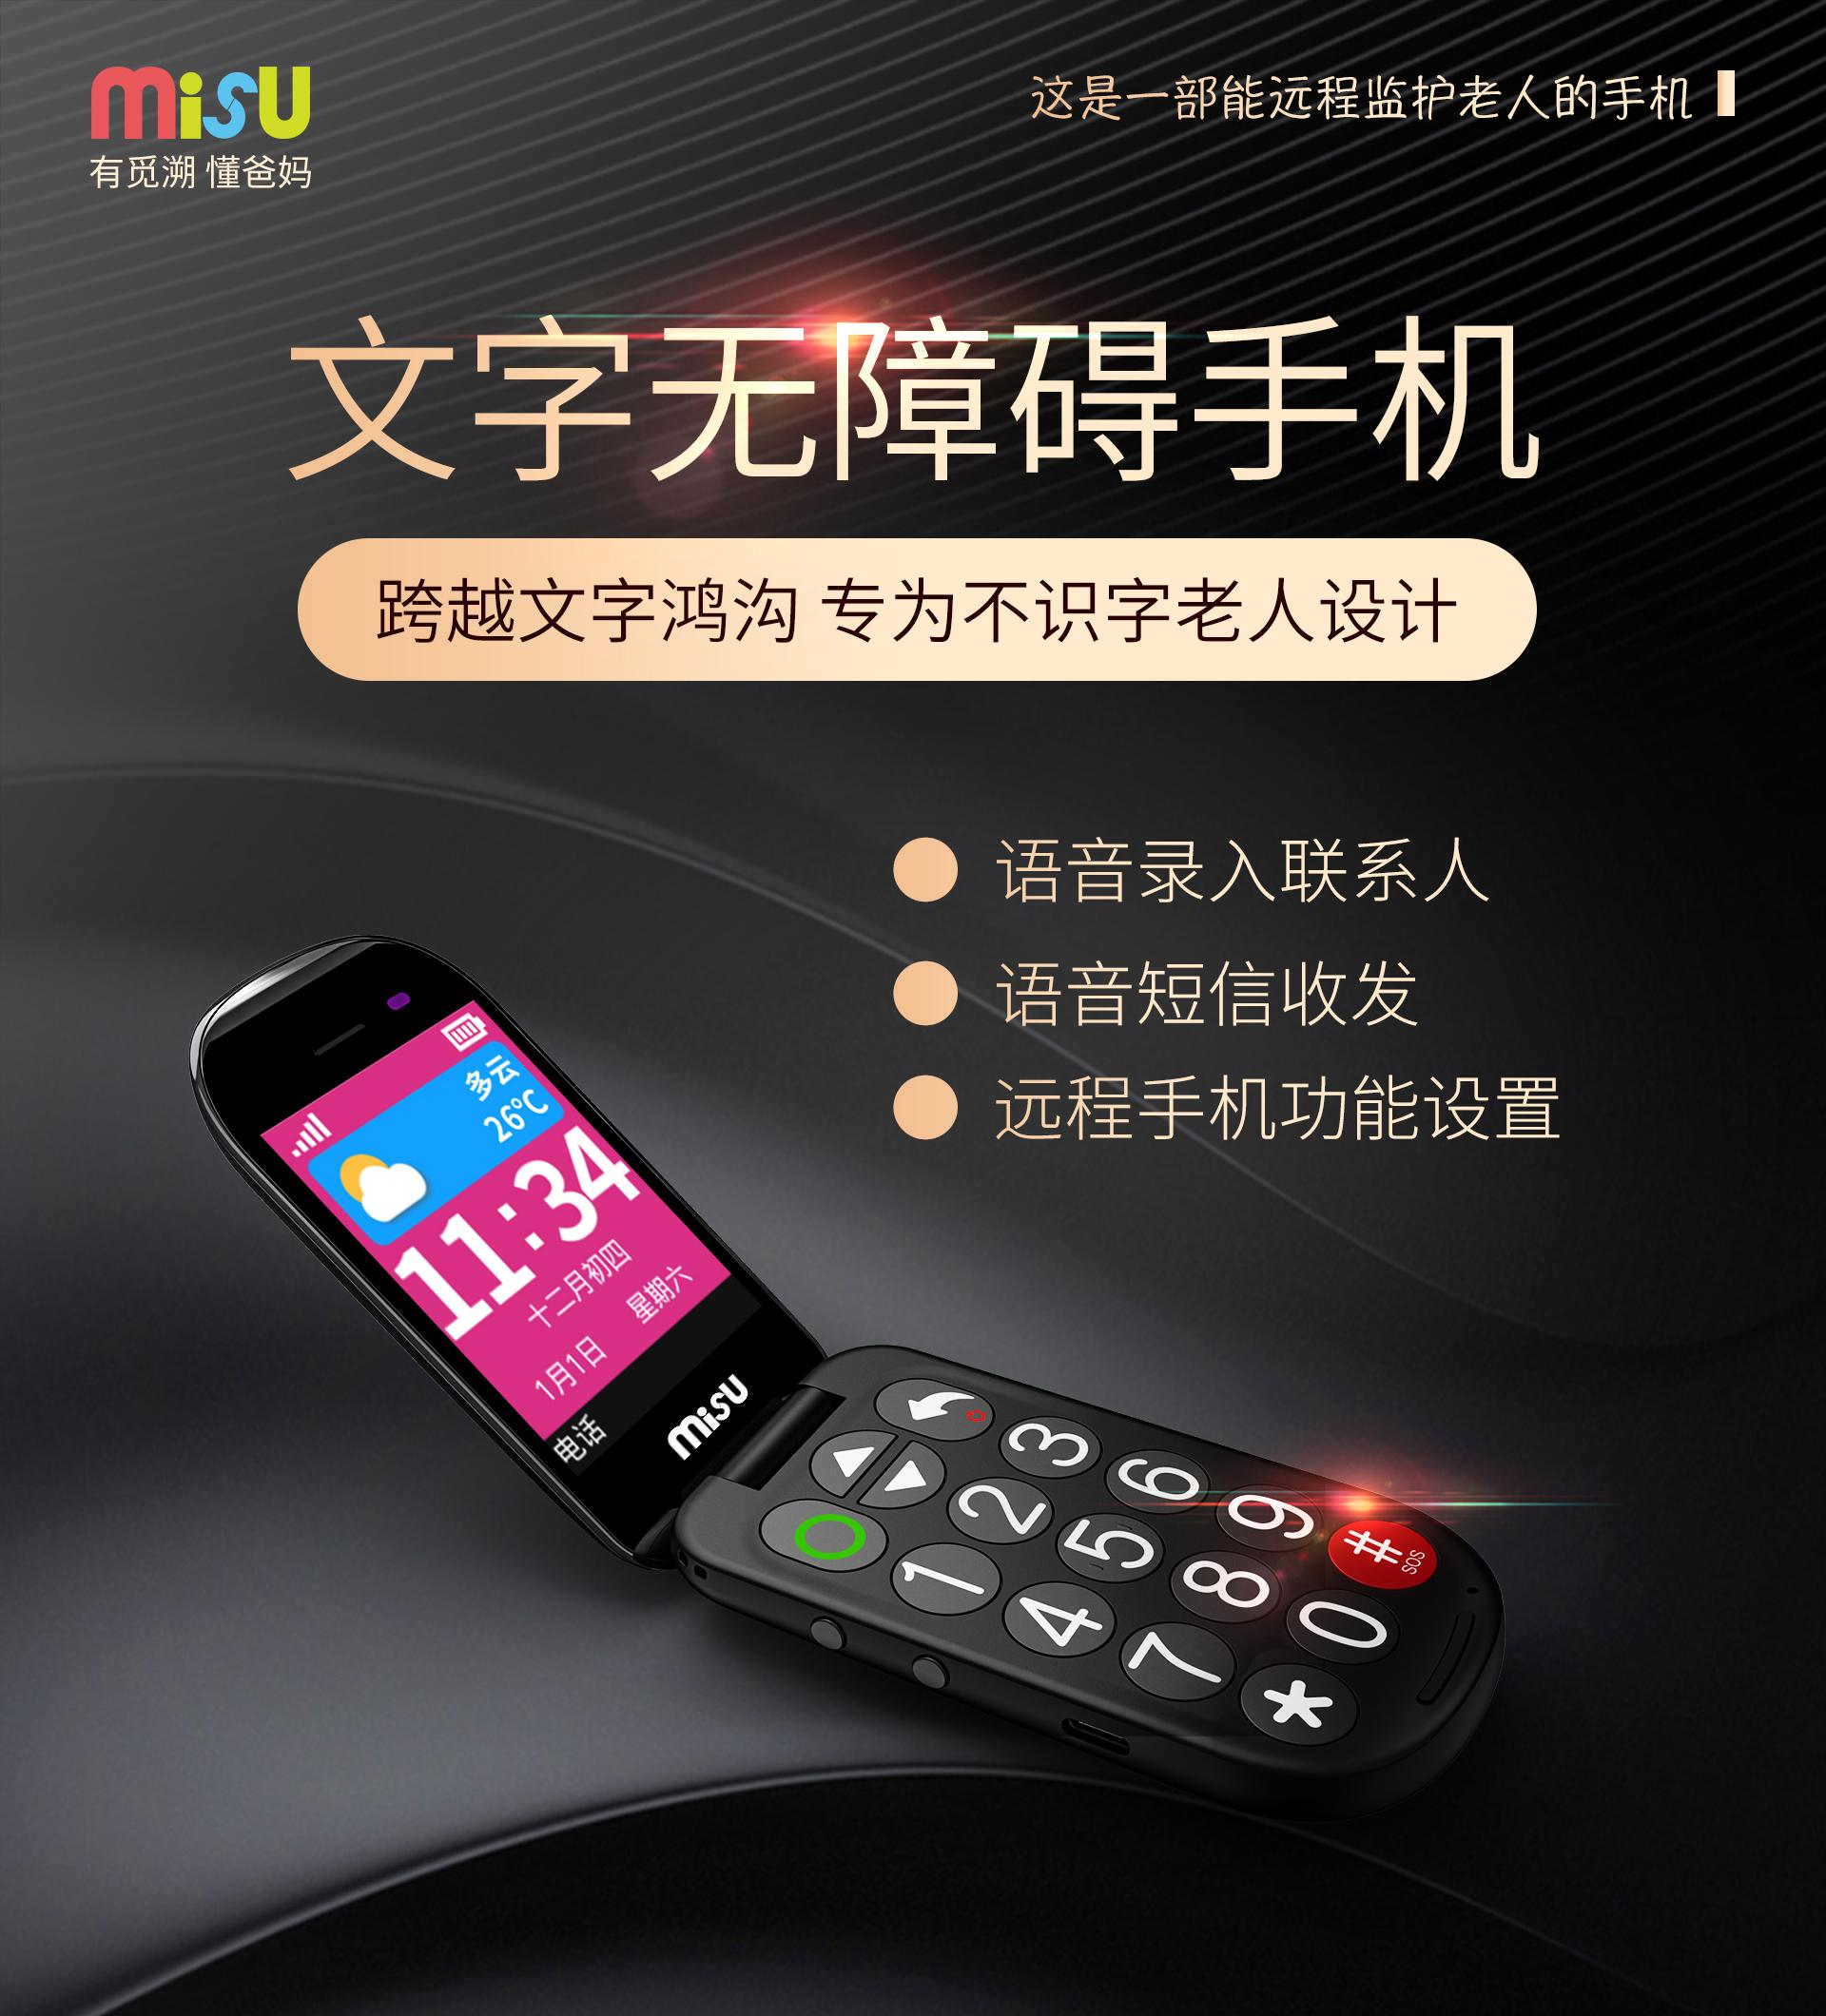 新推出觅溯文字无障碍手机——专为不识字老人设计